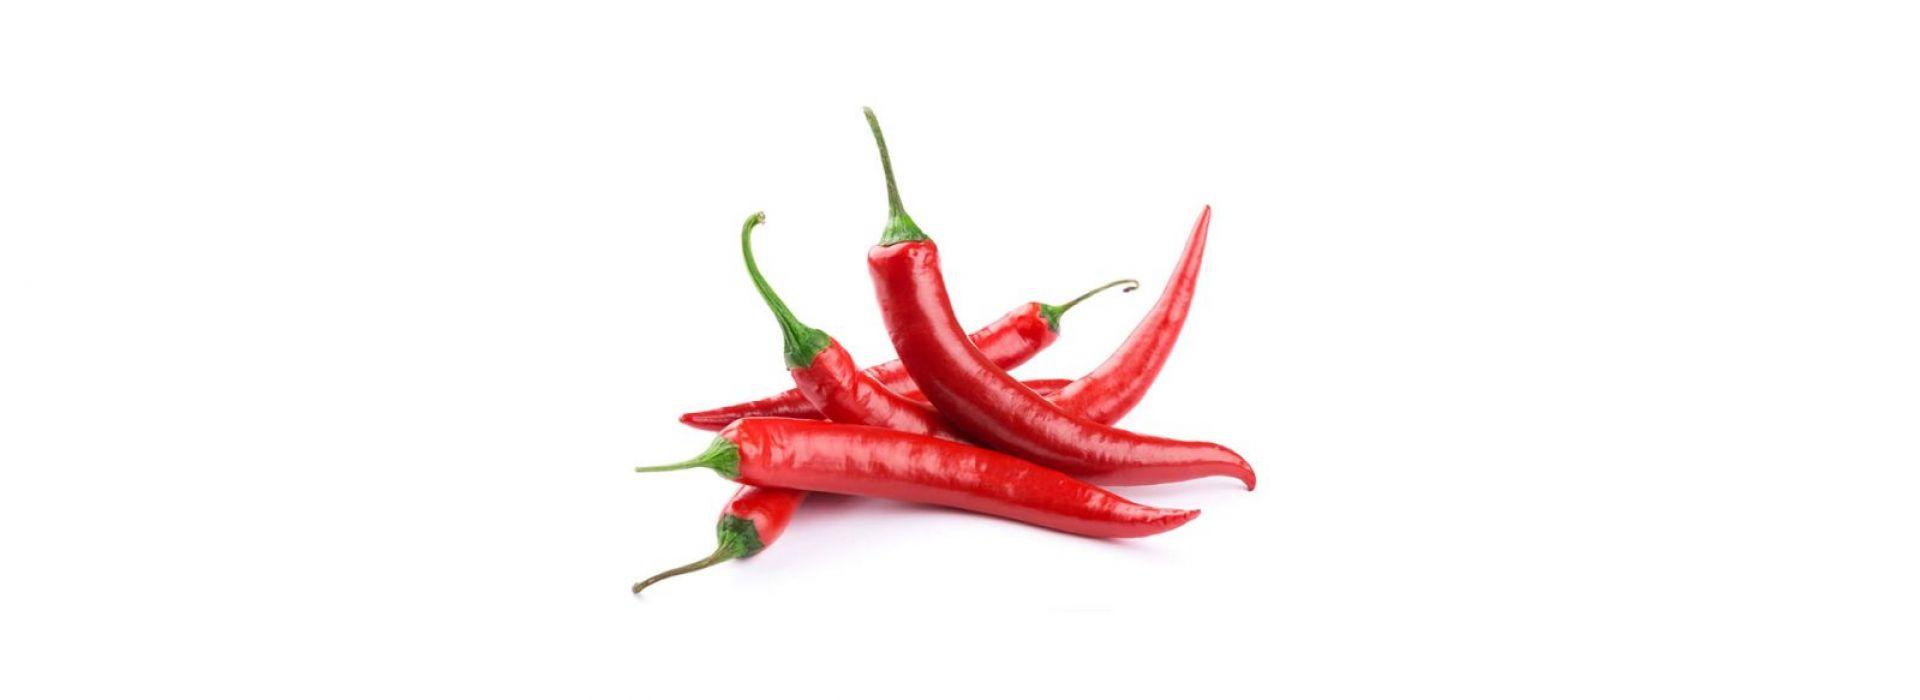 Bird Red Chili